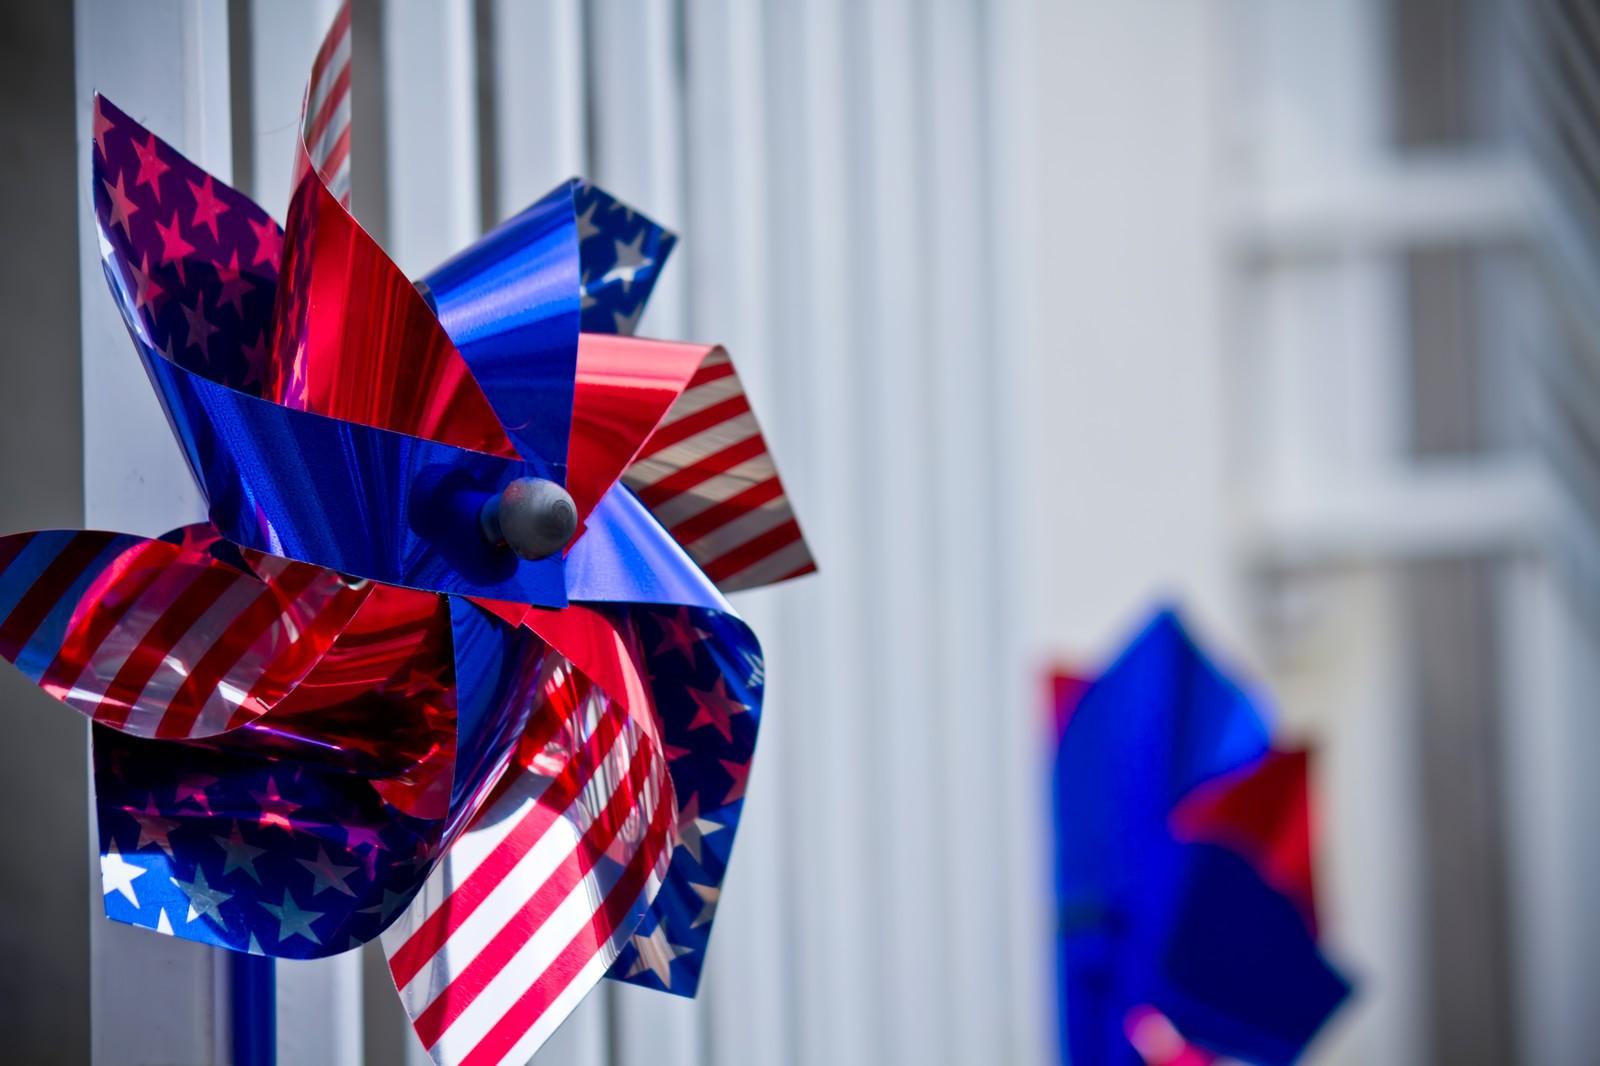 高利回り社債ETFは米国経済のバロメーター